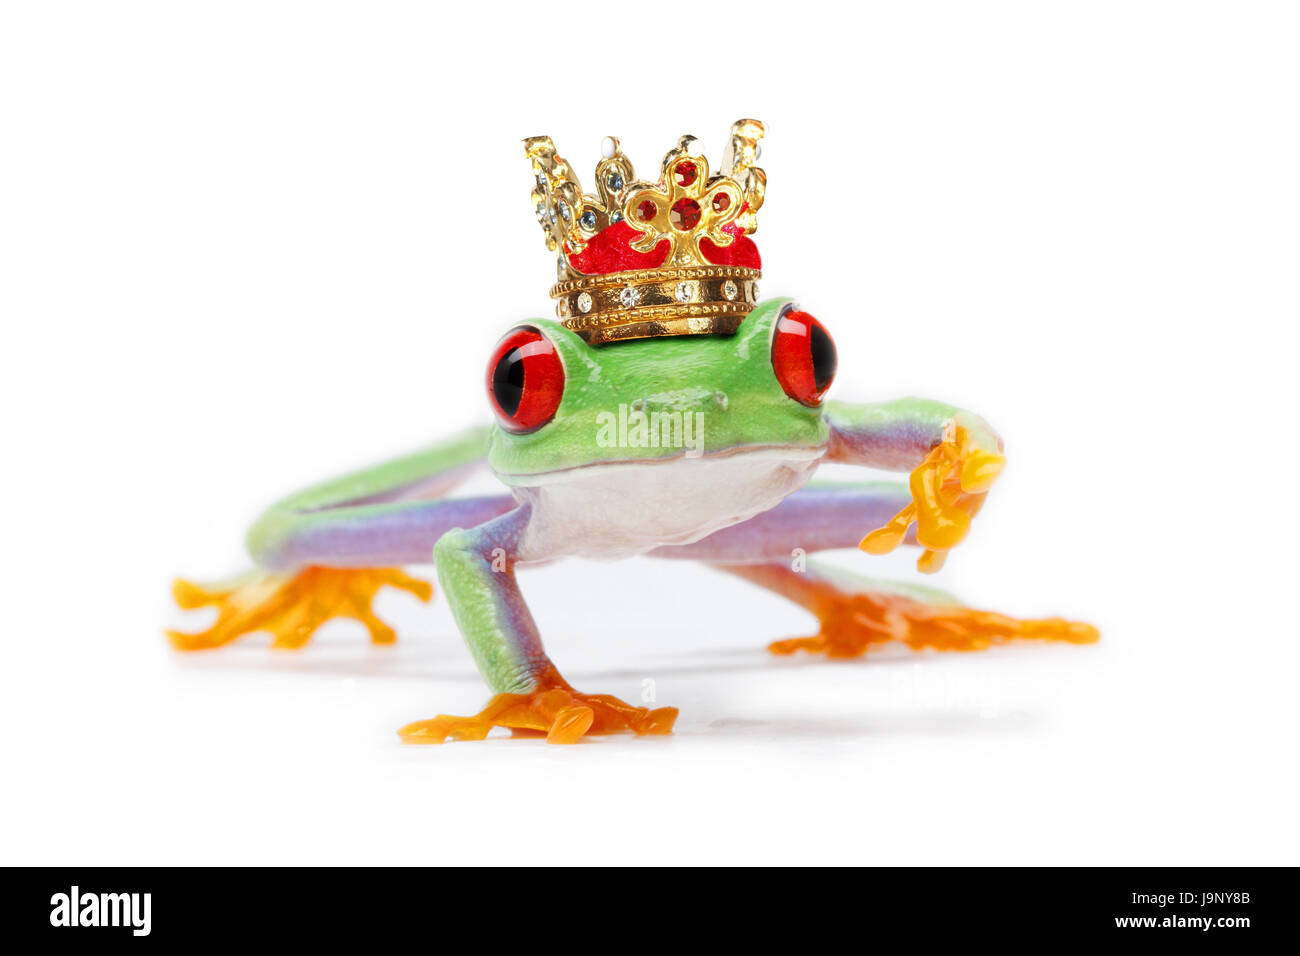 Ausgezeichnet Kermit Der Frosch Malvorlagen Ideen - Malvorlagen Von ...